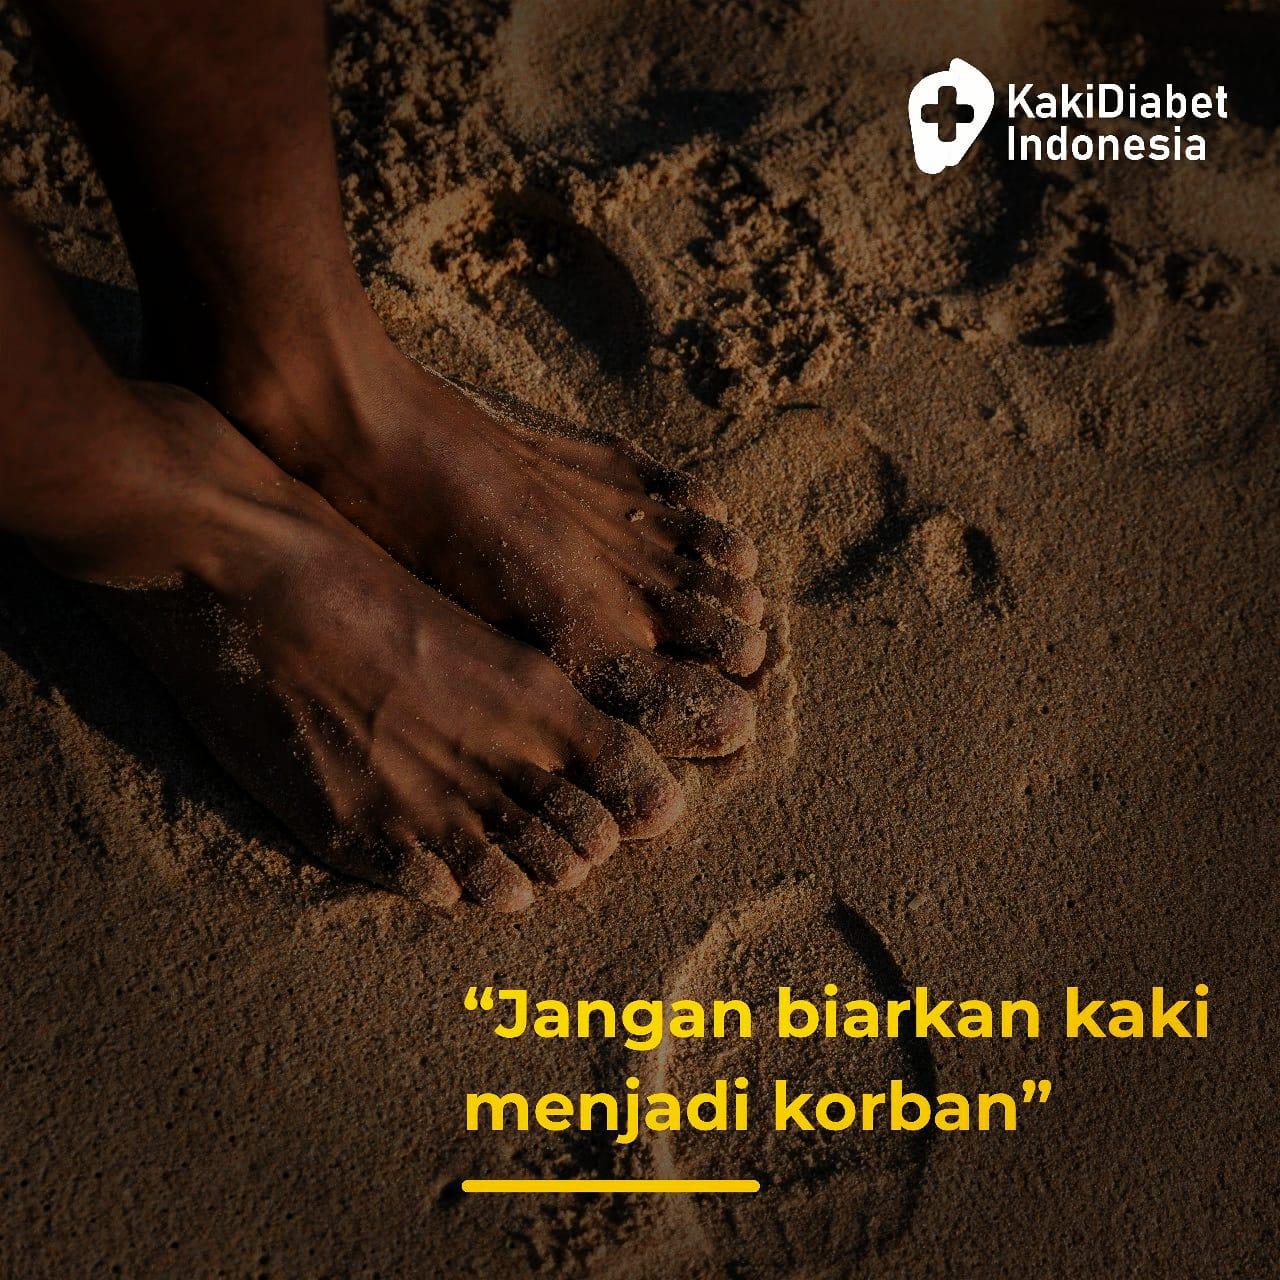 https://kakidiabetindonesia.com/images/blog/BLOG__pentingnya-perawatan-luka-kaki-diabetes-cegah-amputasi__20200912023727.jpg